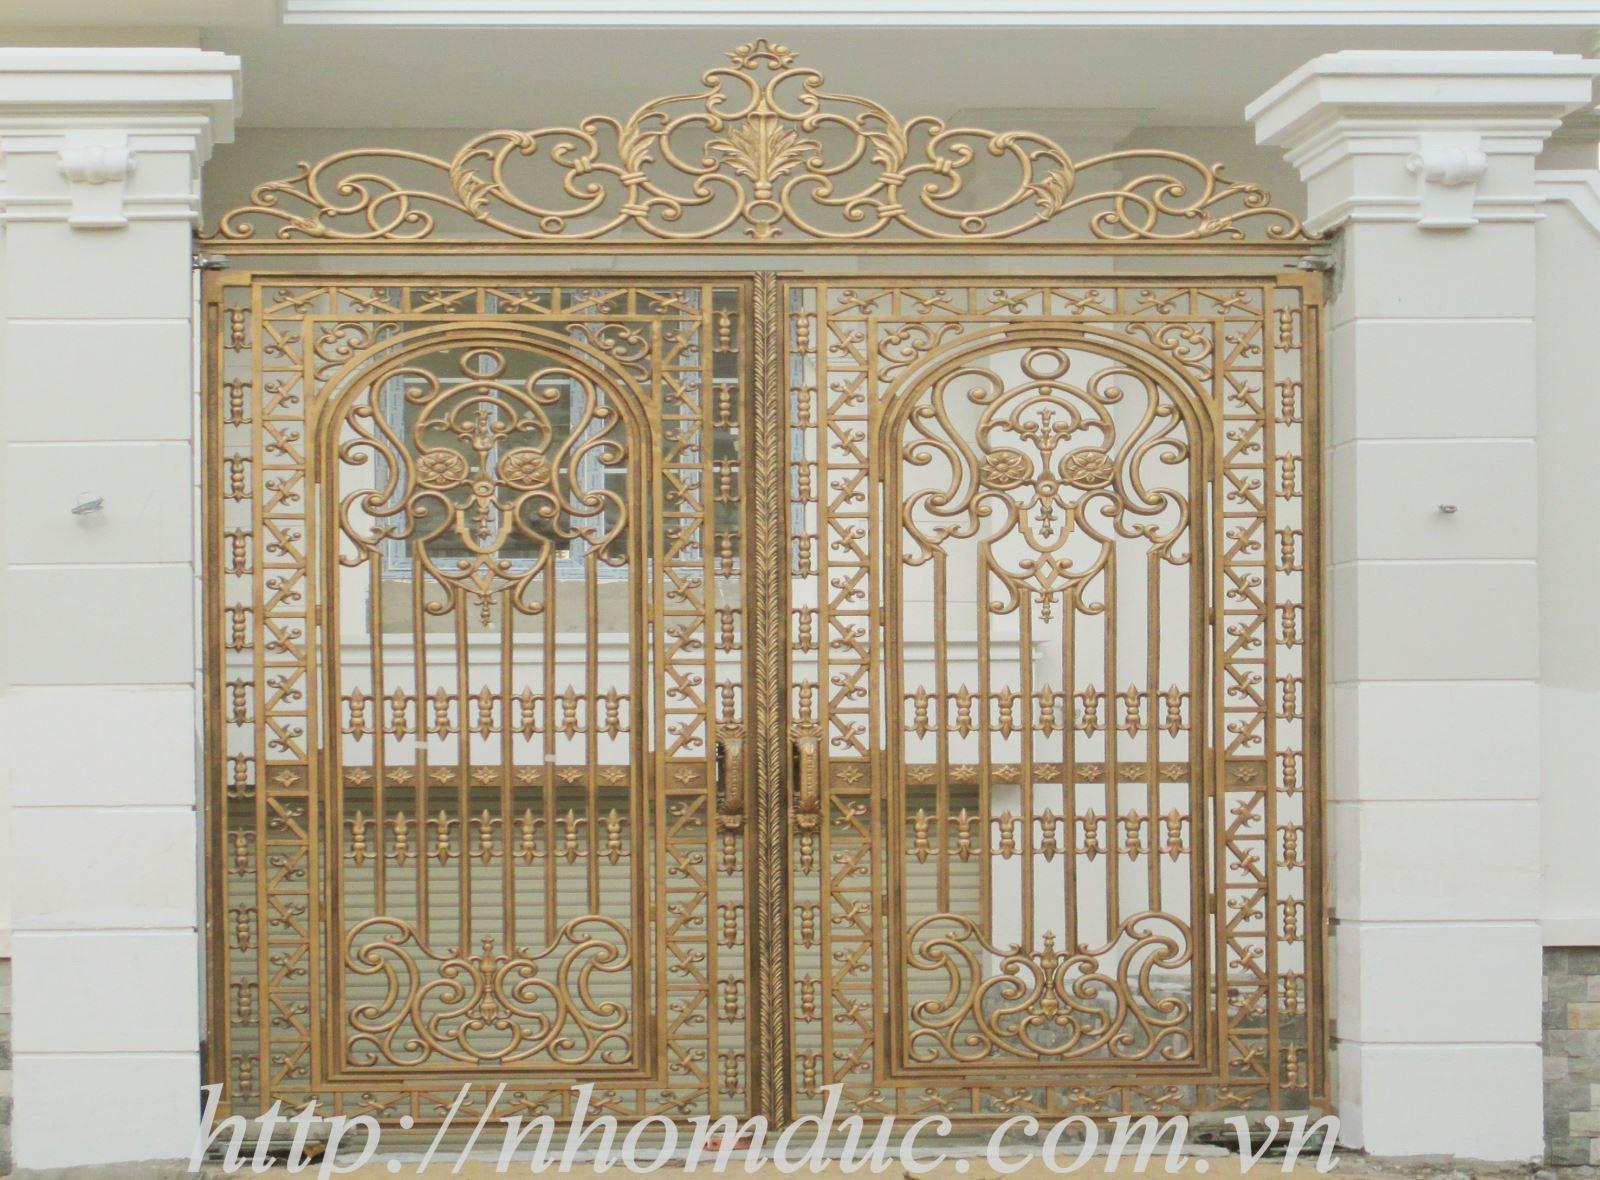 Báo giá cổng, cửa nhôm đúc cao cấp, cổng nhôm đúc hợp kim, cửa biệt thự